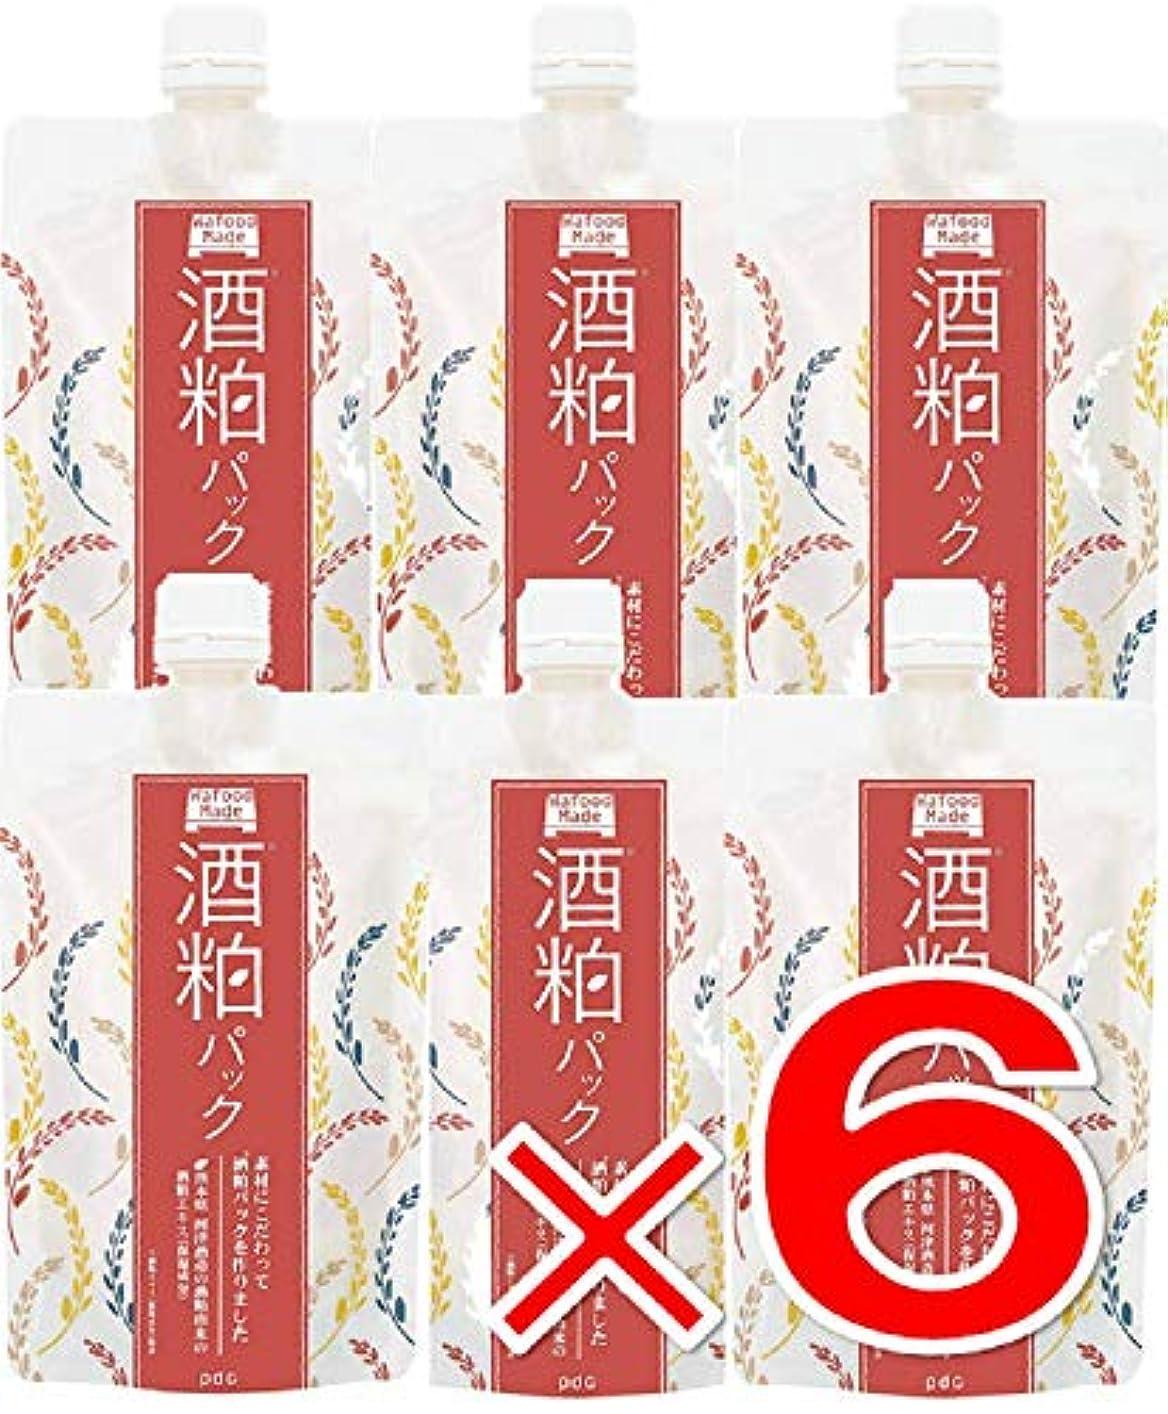 羊飼いジュニア厄介な【 6個 】 ワフードメイド (Wafood Made) 酒粕パック 170g 日本製